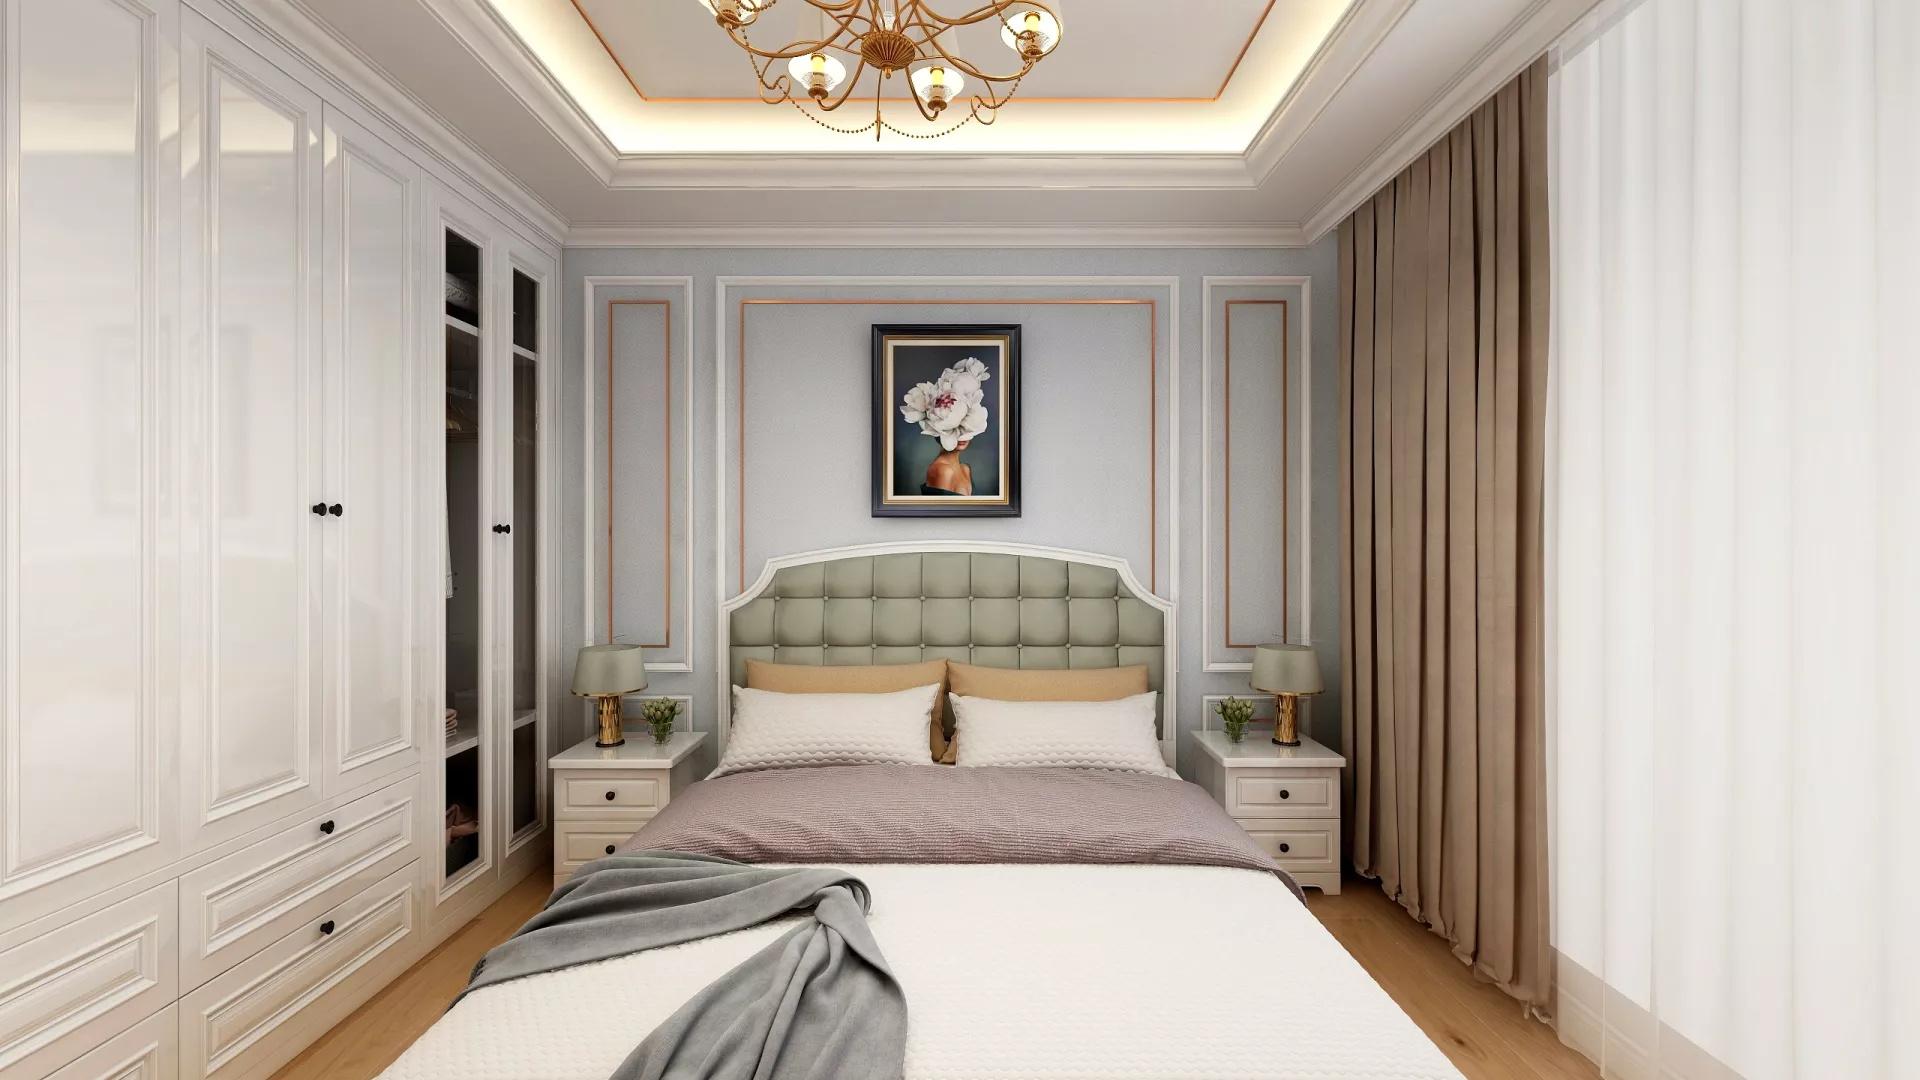 别墅客厅要怎么装修才好 别墅客厅装修设计原则